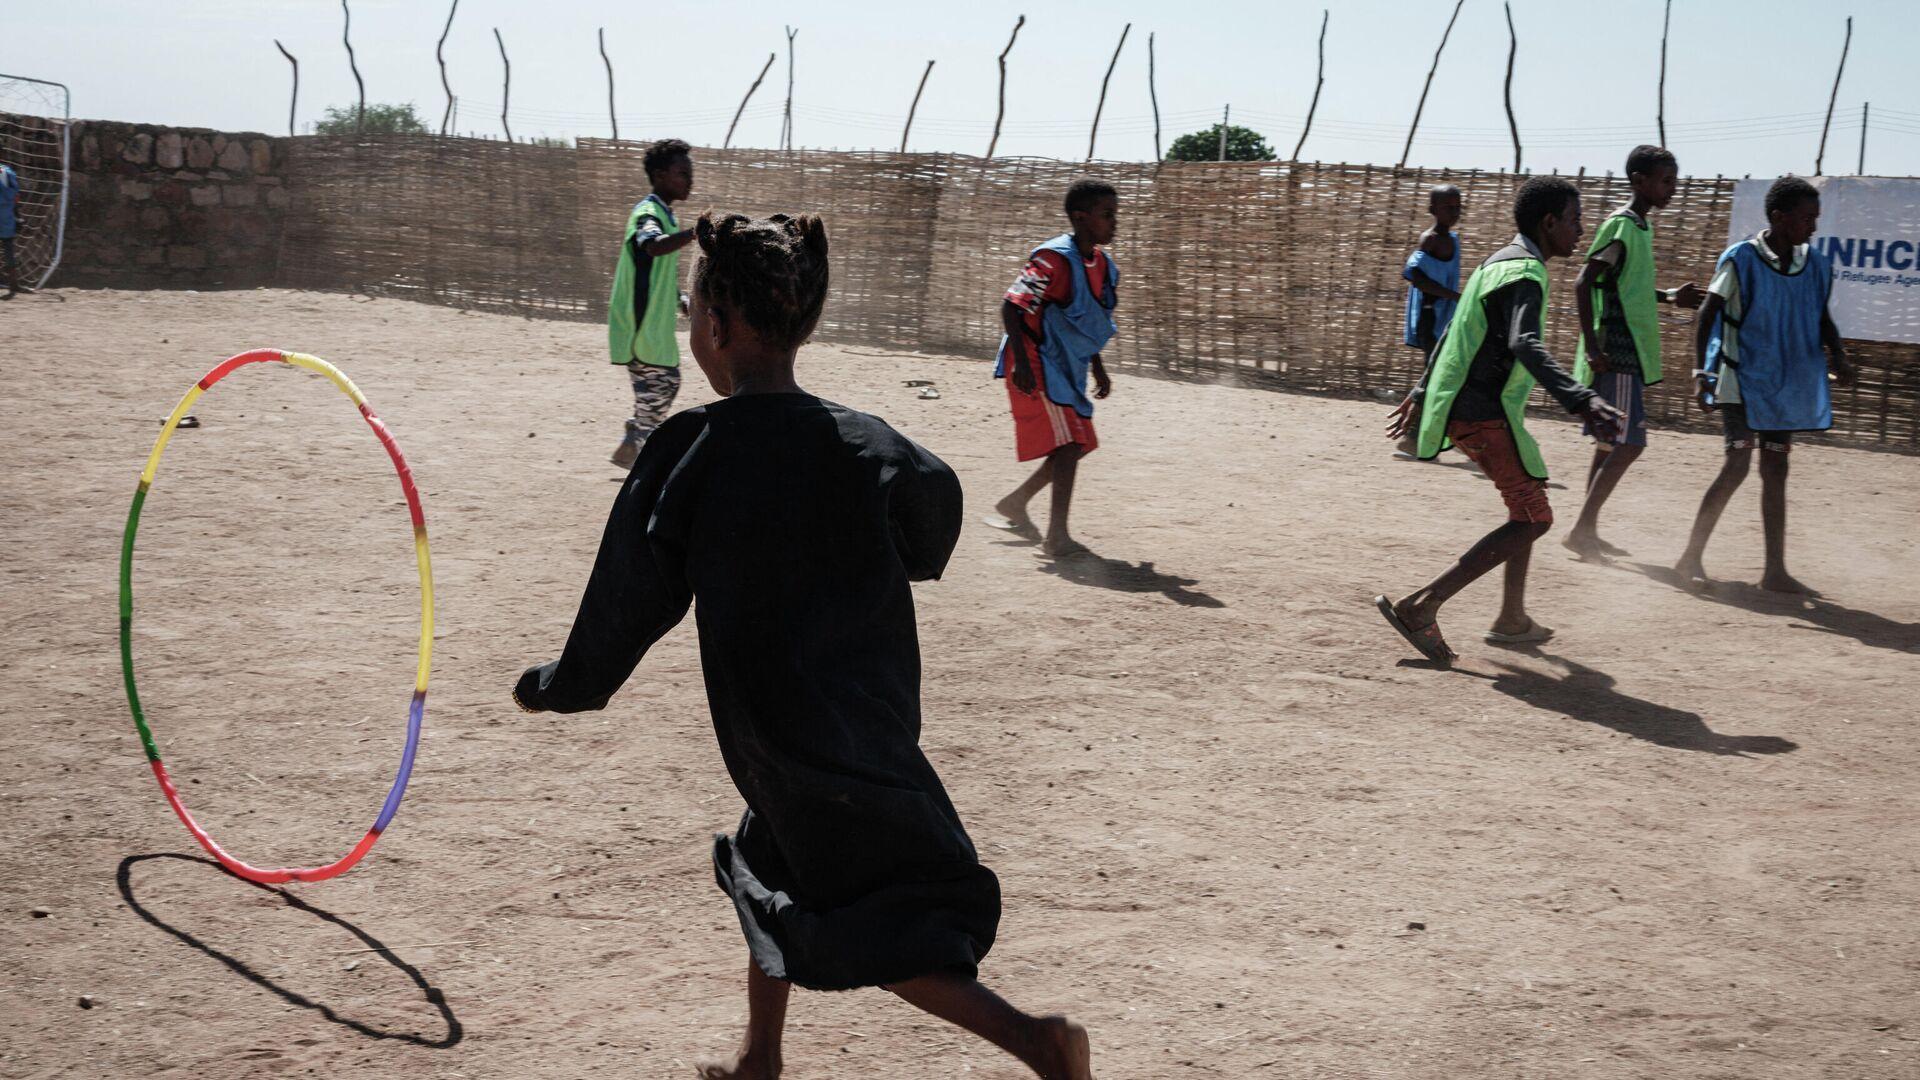 """Spielplatz im Flüchtlingslager Um Raquba im Ostsudan, das von der Organisation """"Save the Children"""" errichtet wurde. Dort fanden bislang viele infolge des Tigray-Konflikts in Äthiopíen geflüchtete Menschen Zuflucht.  - SNA, 1920, 18.02.2021"""